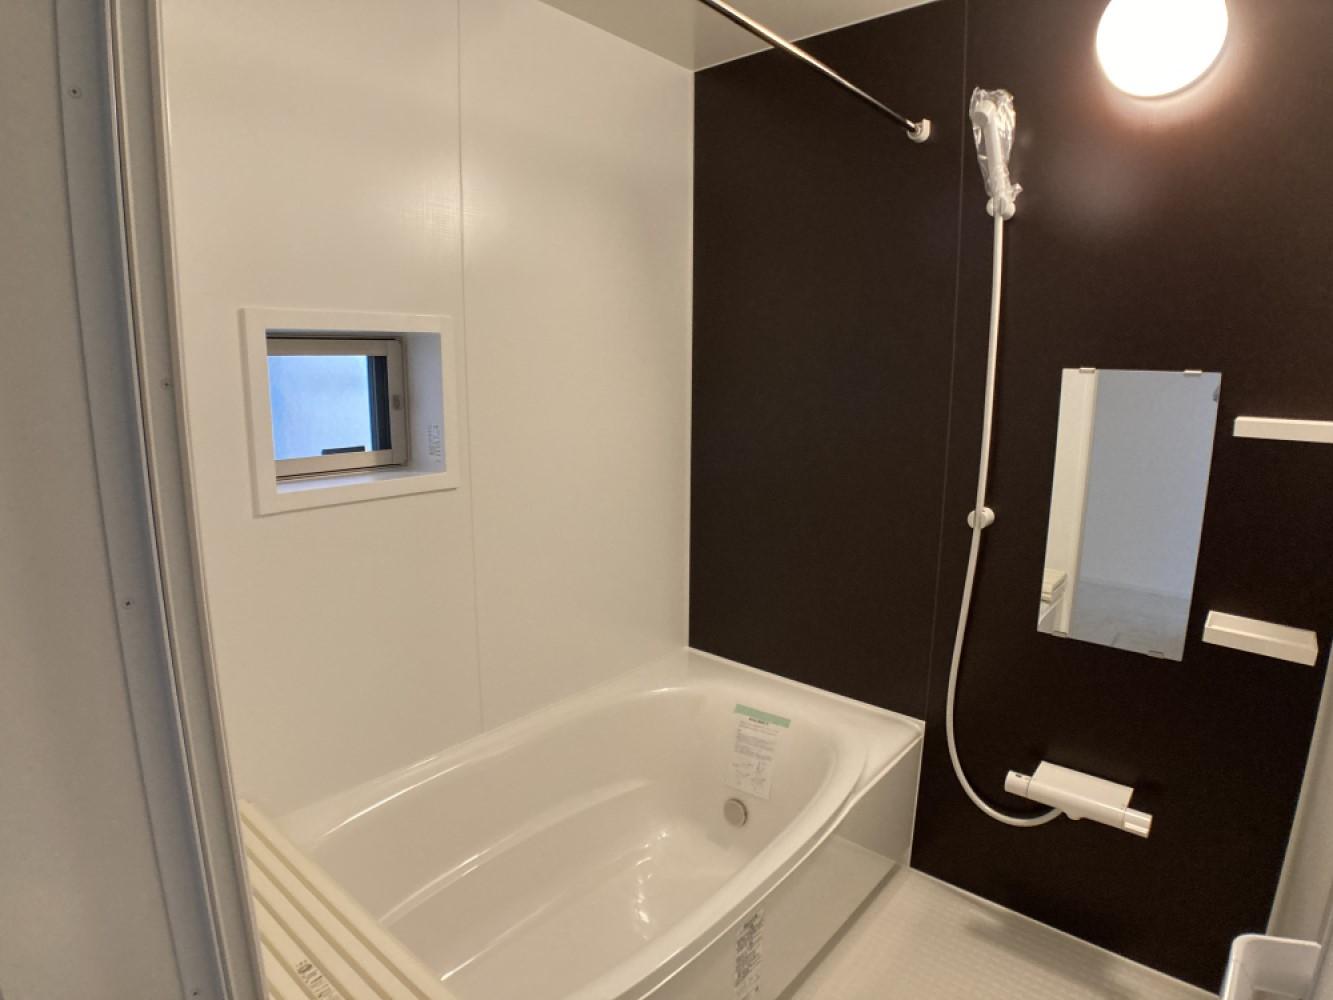 1日の疲れをほぐす、とっておきのリラクゼーションタイムを楽しむバスルーム。 美しく、機能的なデザインを採用、清潔感あふれる心地よい空間づくりにこだわりました。